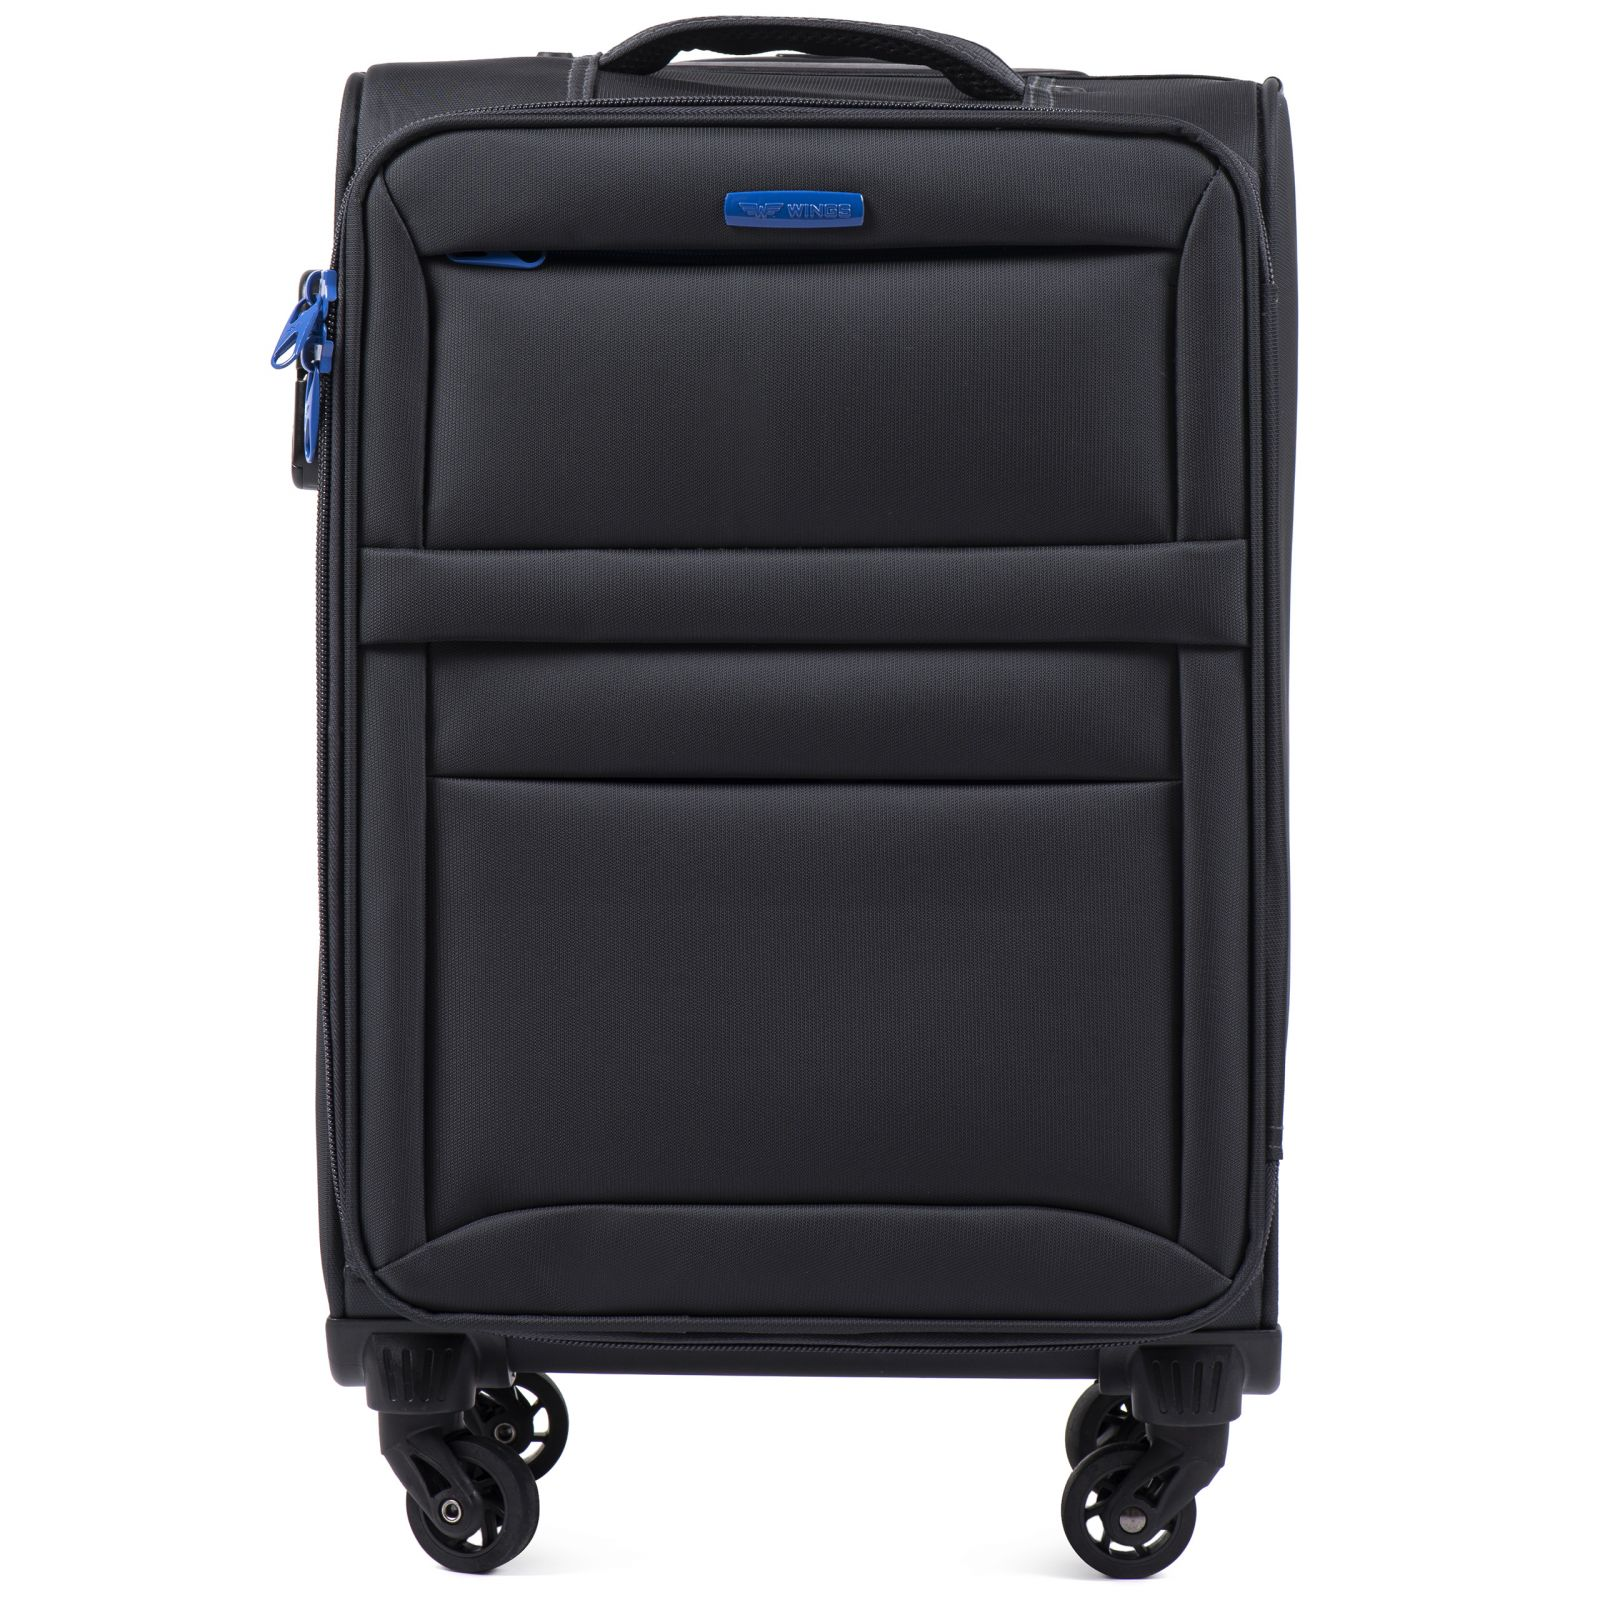 Cestovní látkový kufr WINGS 2861 DARK GREY malý S